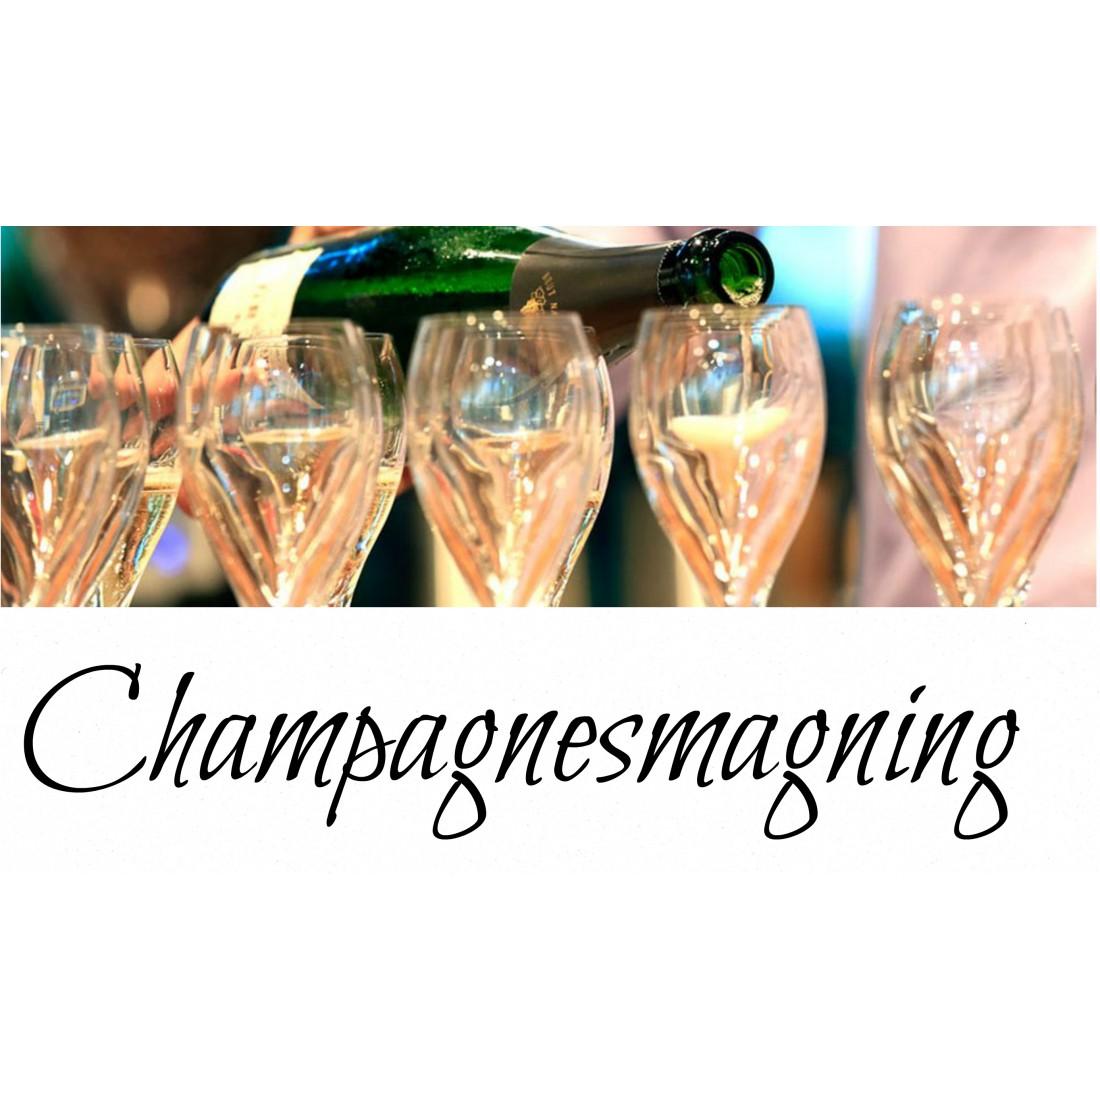 Champagnesmagning lørdag den 11 april kl. 19.00 I ChampagneKælderen-31